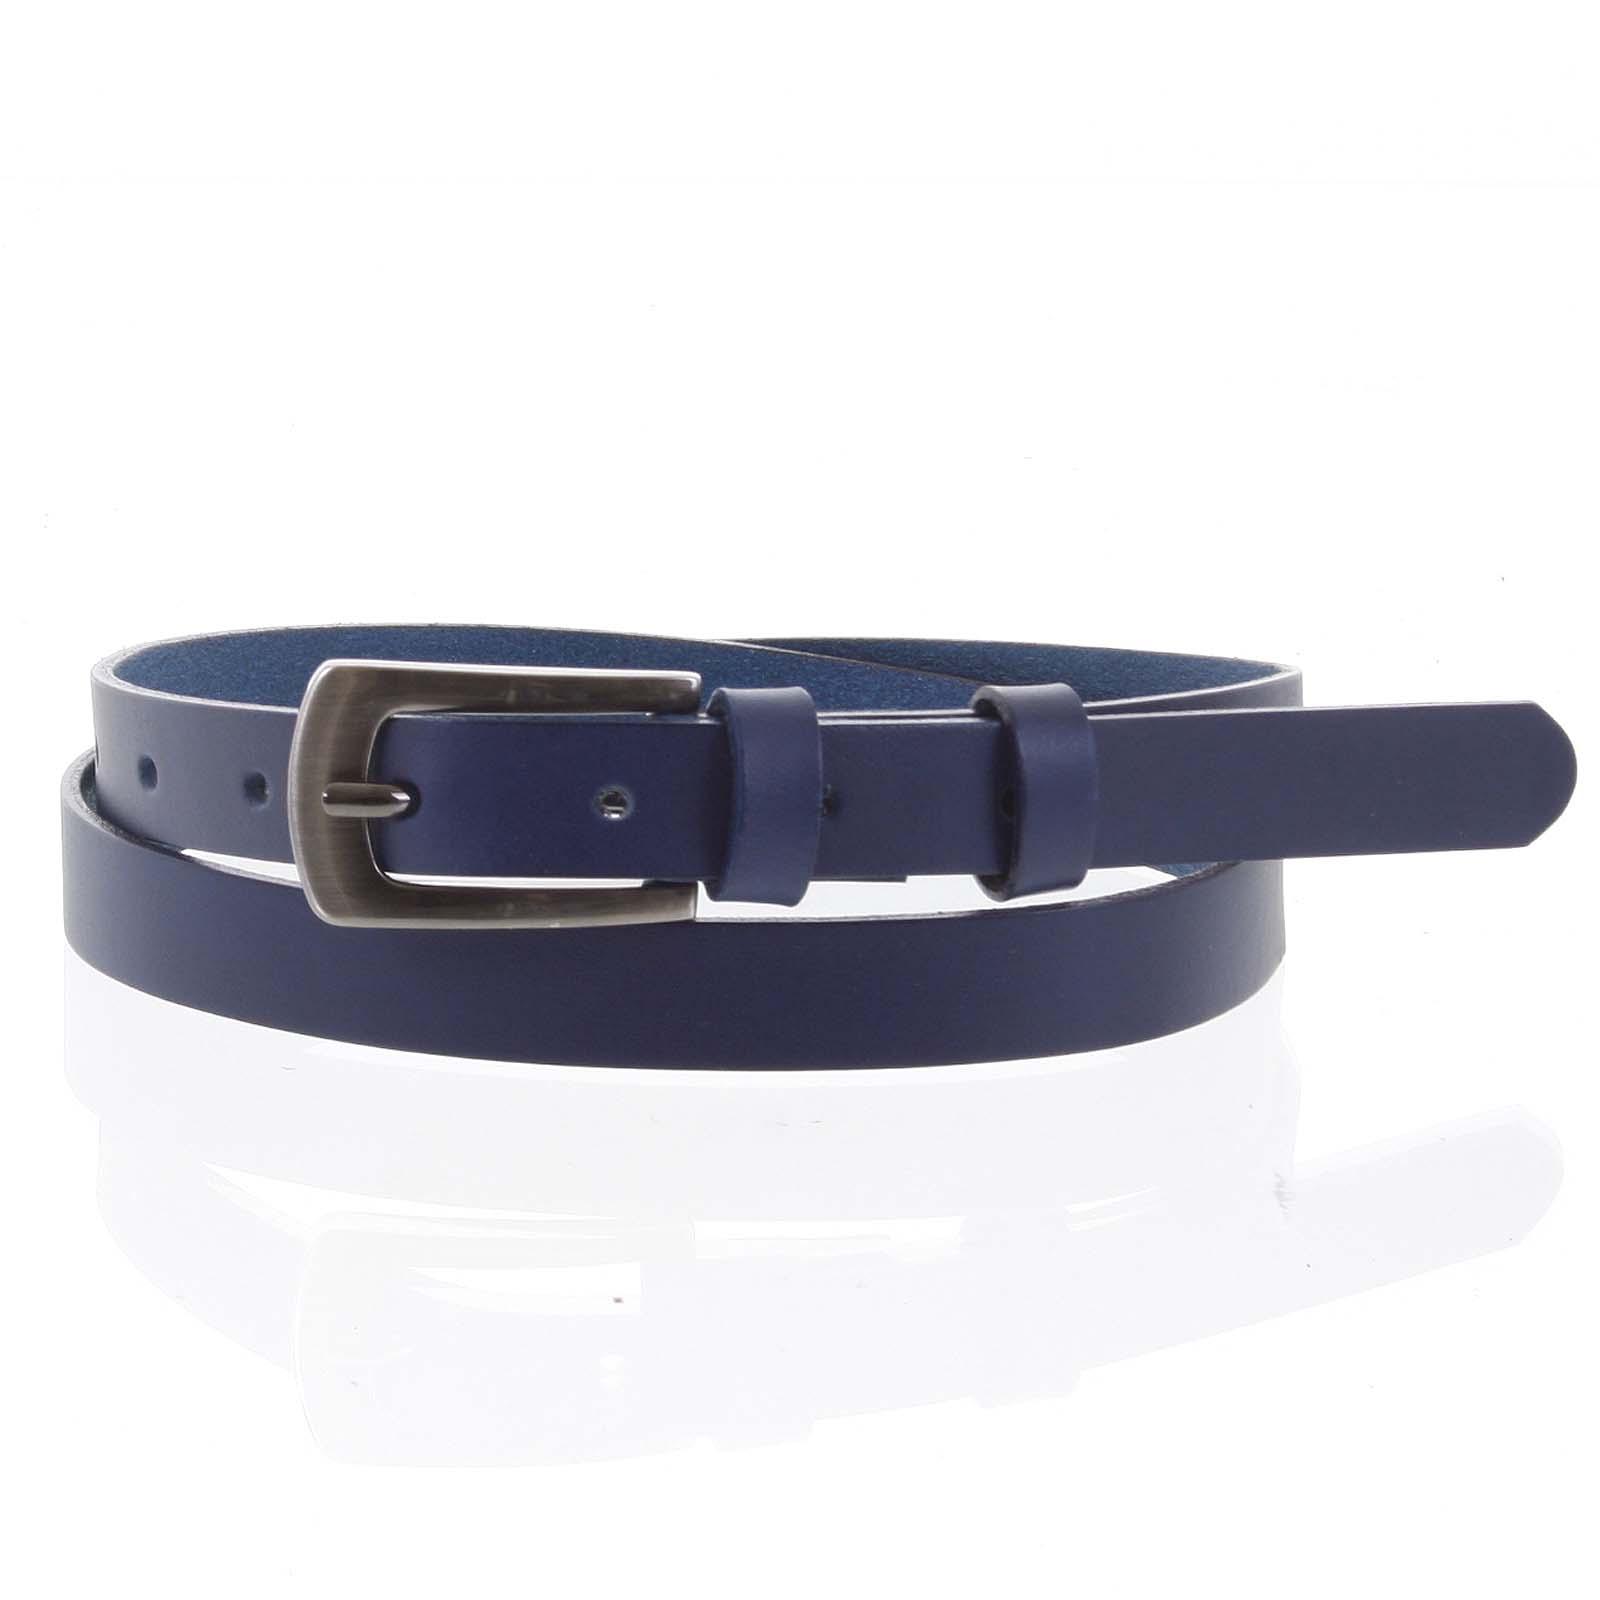 Dámsky kožený opasok modrý - PB Rath 90